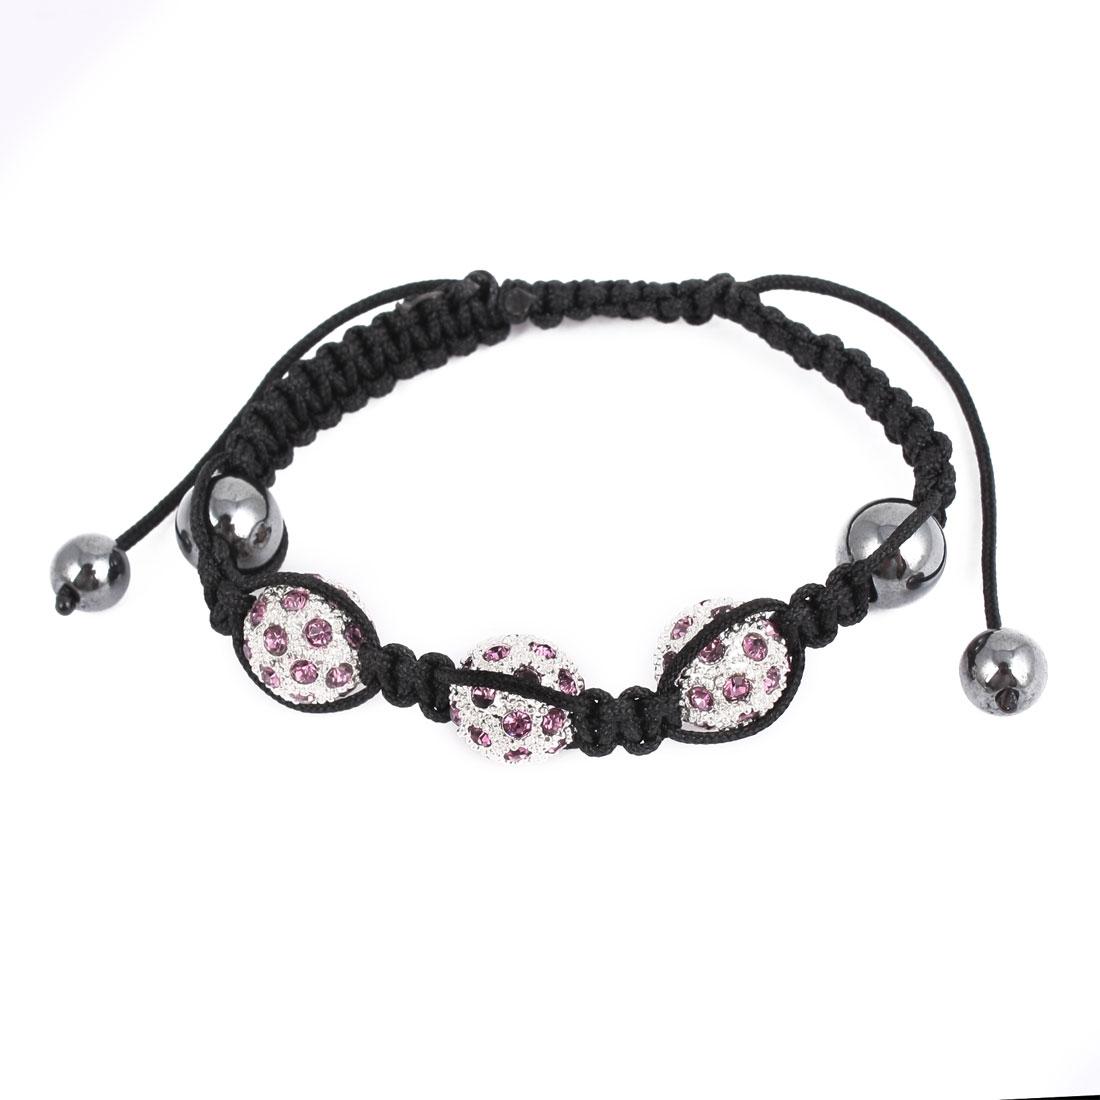 Unisex Wrist Decor Purple Rhinestone Metal Beads Detail Adjustable Bracelet